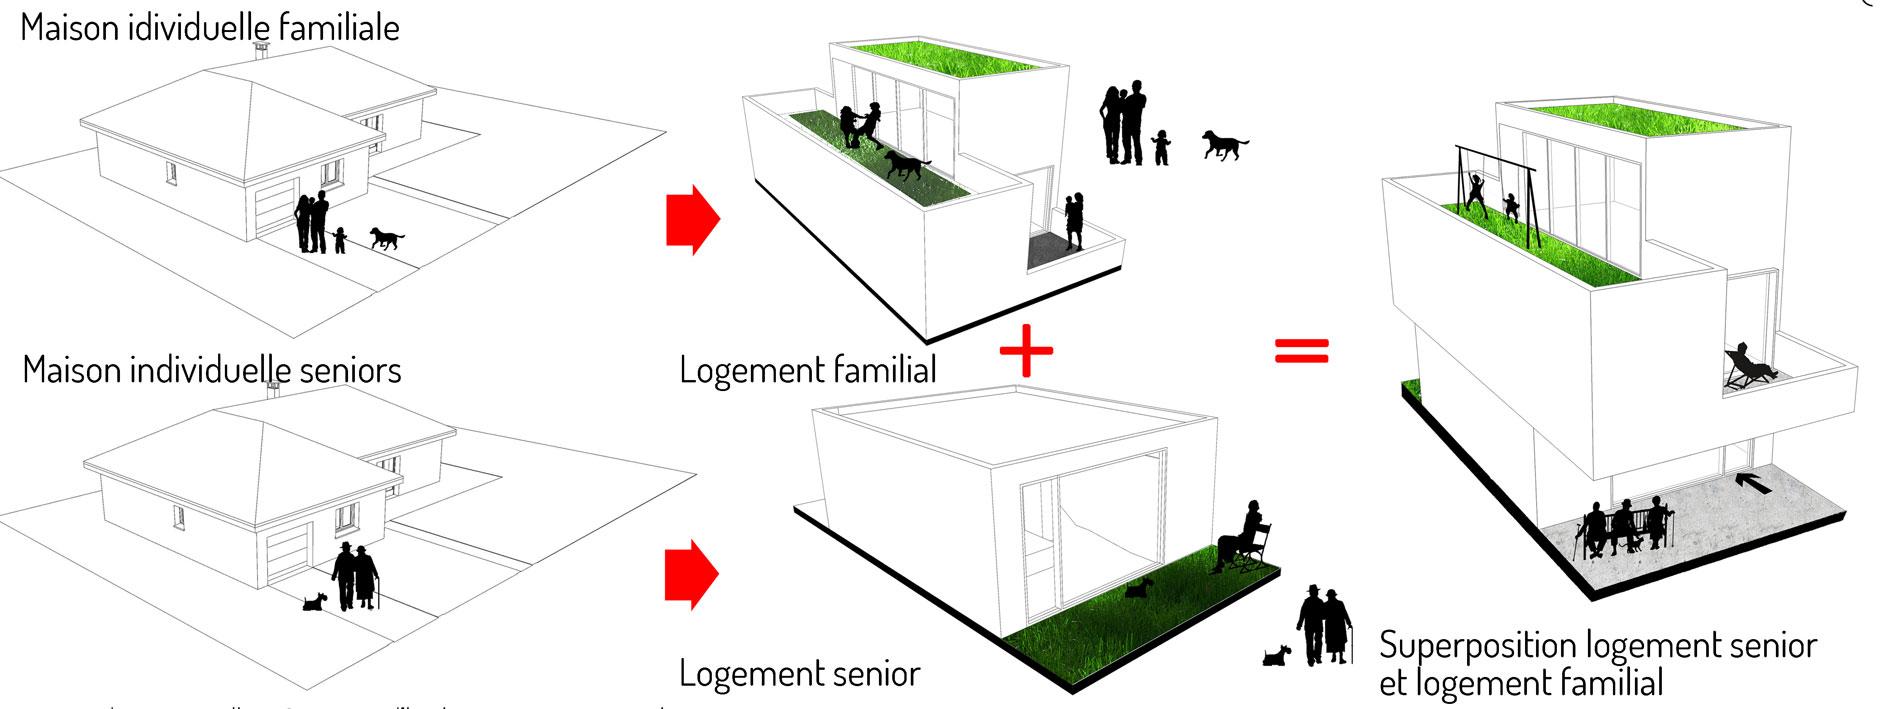 Le principe de base de ces logements est la superposition de logements permettant de recréer du lien social entre les habitants de la même maison.